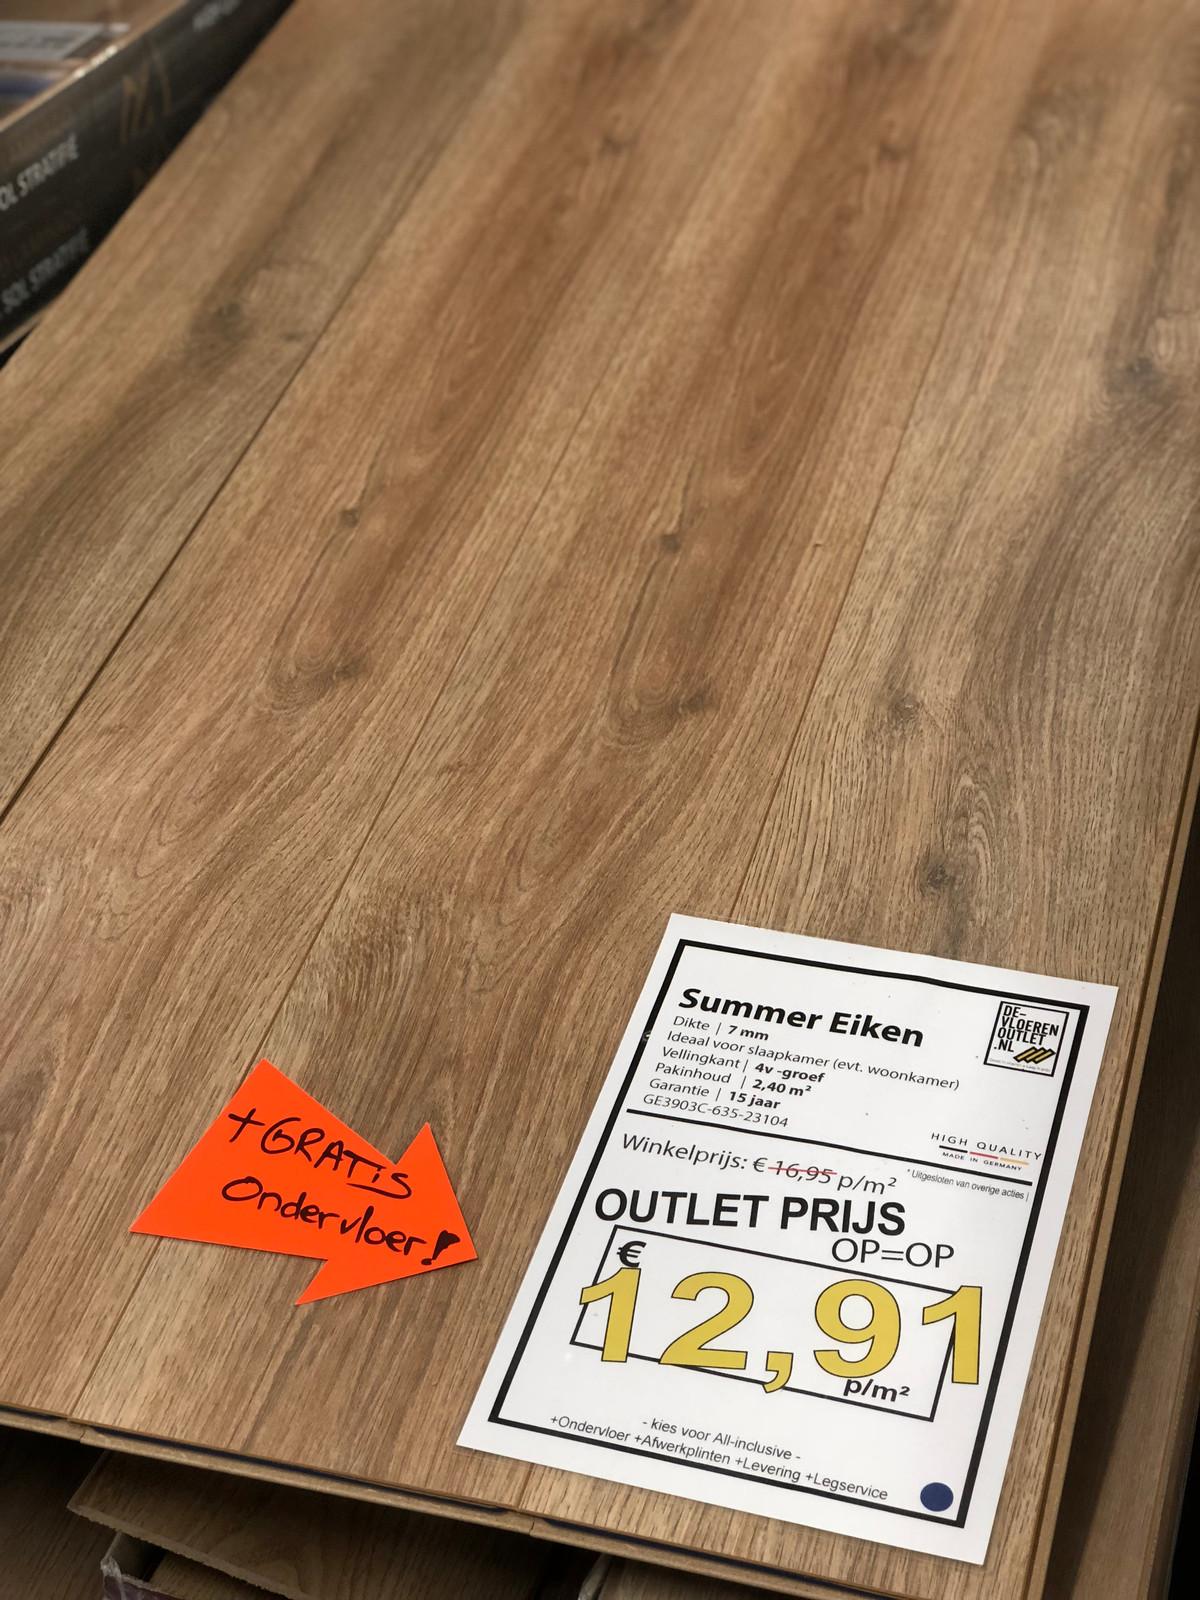 de laatste pallets van deze prachtige 8mm hoge kwaliteit laminaatvloeren voor waanzinnig lage prijzen outletprijs zo meenemen